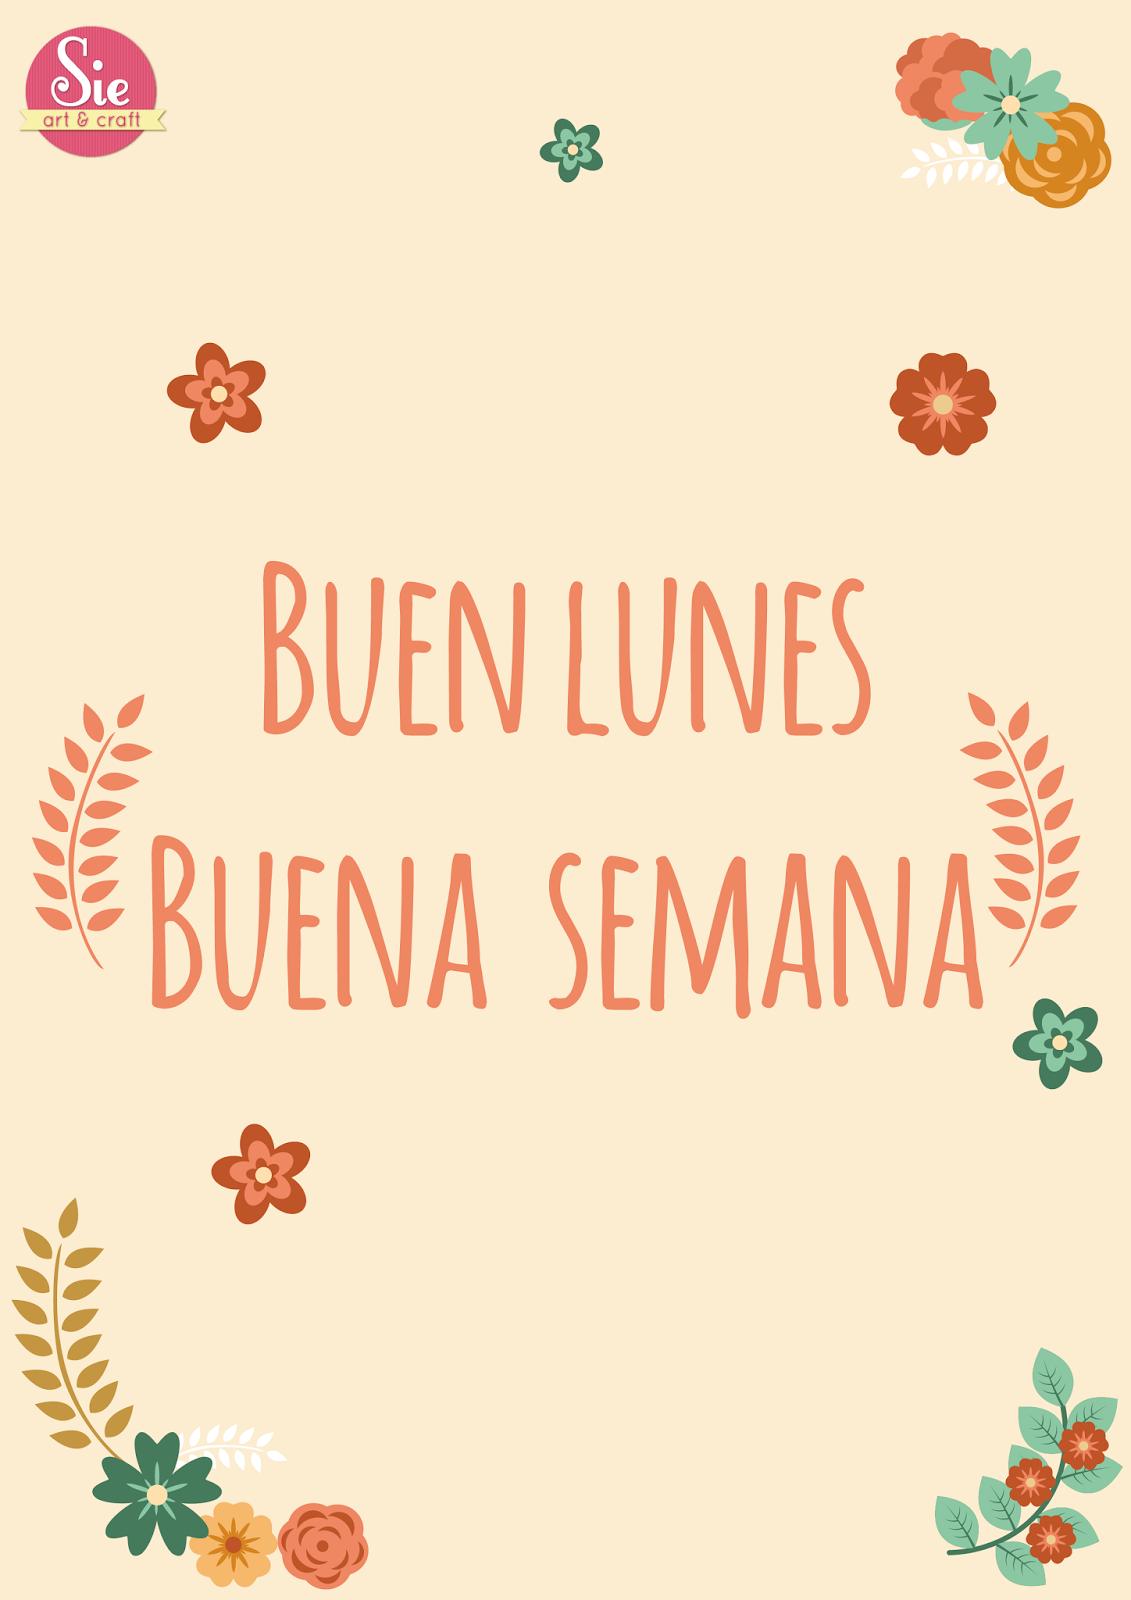 1000 ideas about frases inicio de semana on pinterest - Buen Lunes Y Comienzo De Semana